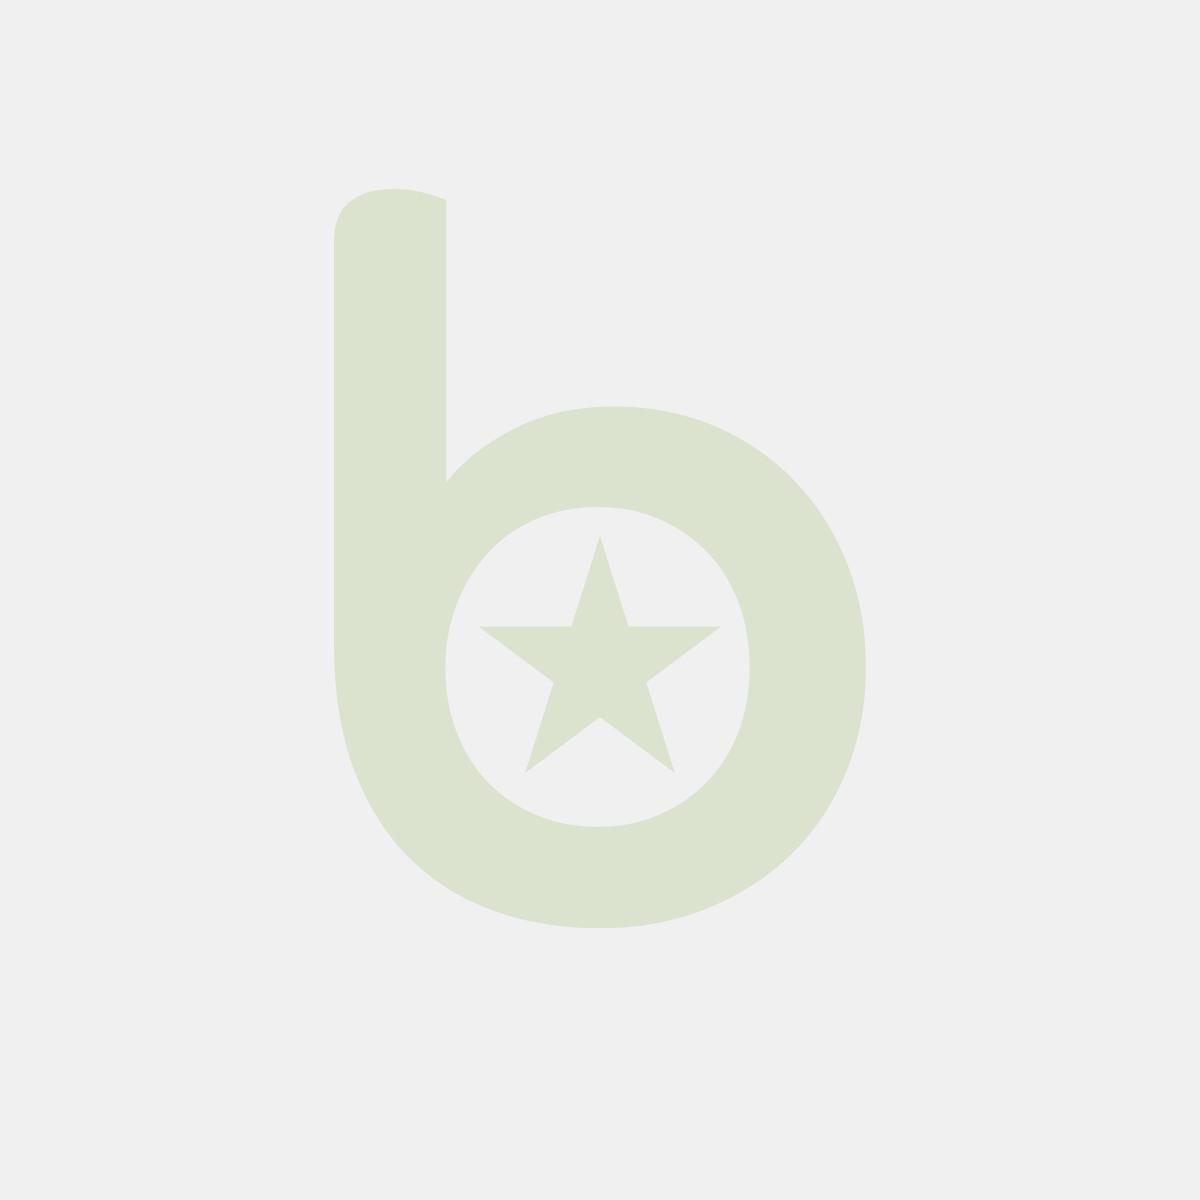 Talerzyk FINGERFOOD transparentny , 6,5/6,5 cm, PS, 25szt. w opakowaniu